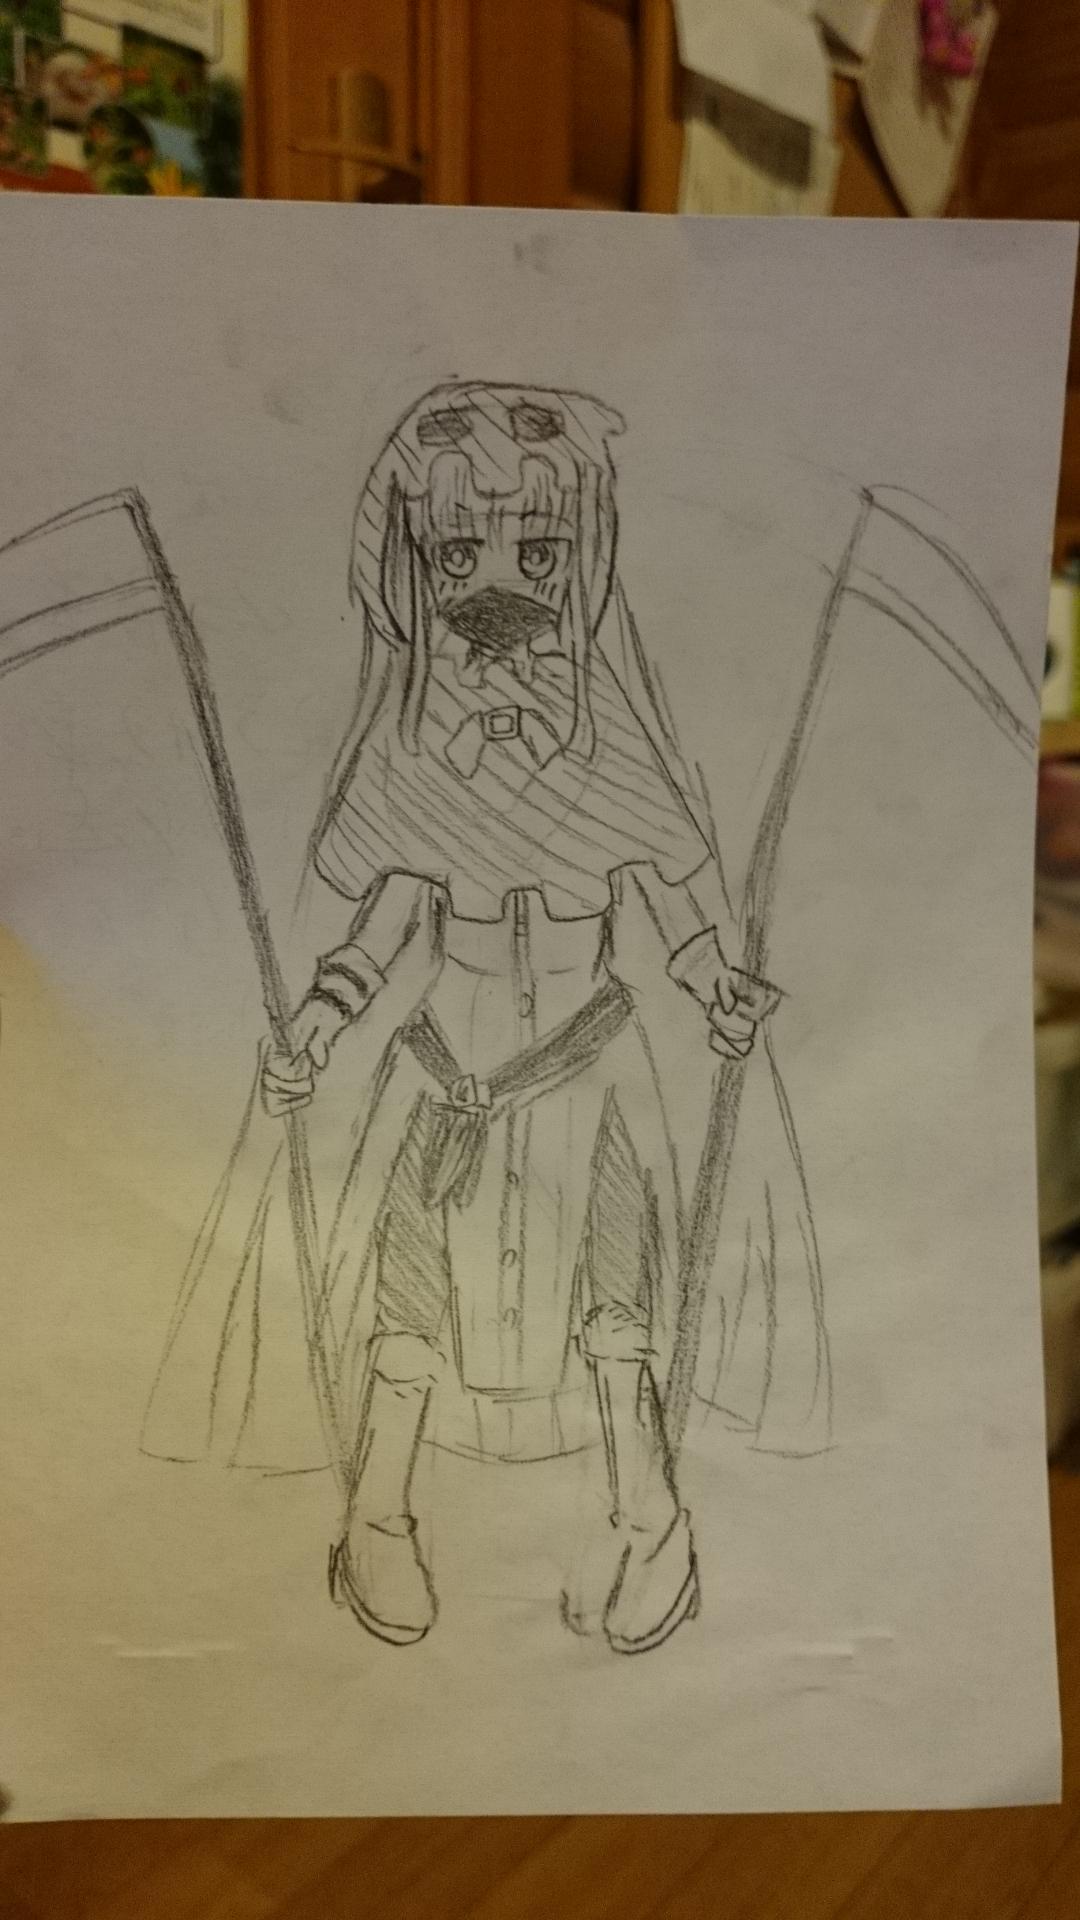 死神ちゃん ちゃお イラストコンテスト かわいい女の子のイラストを